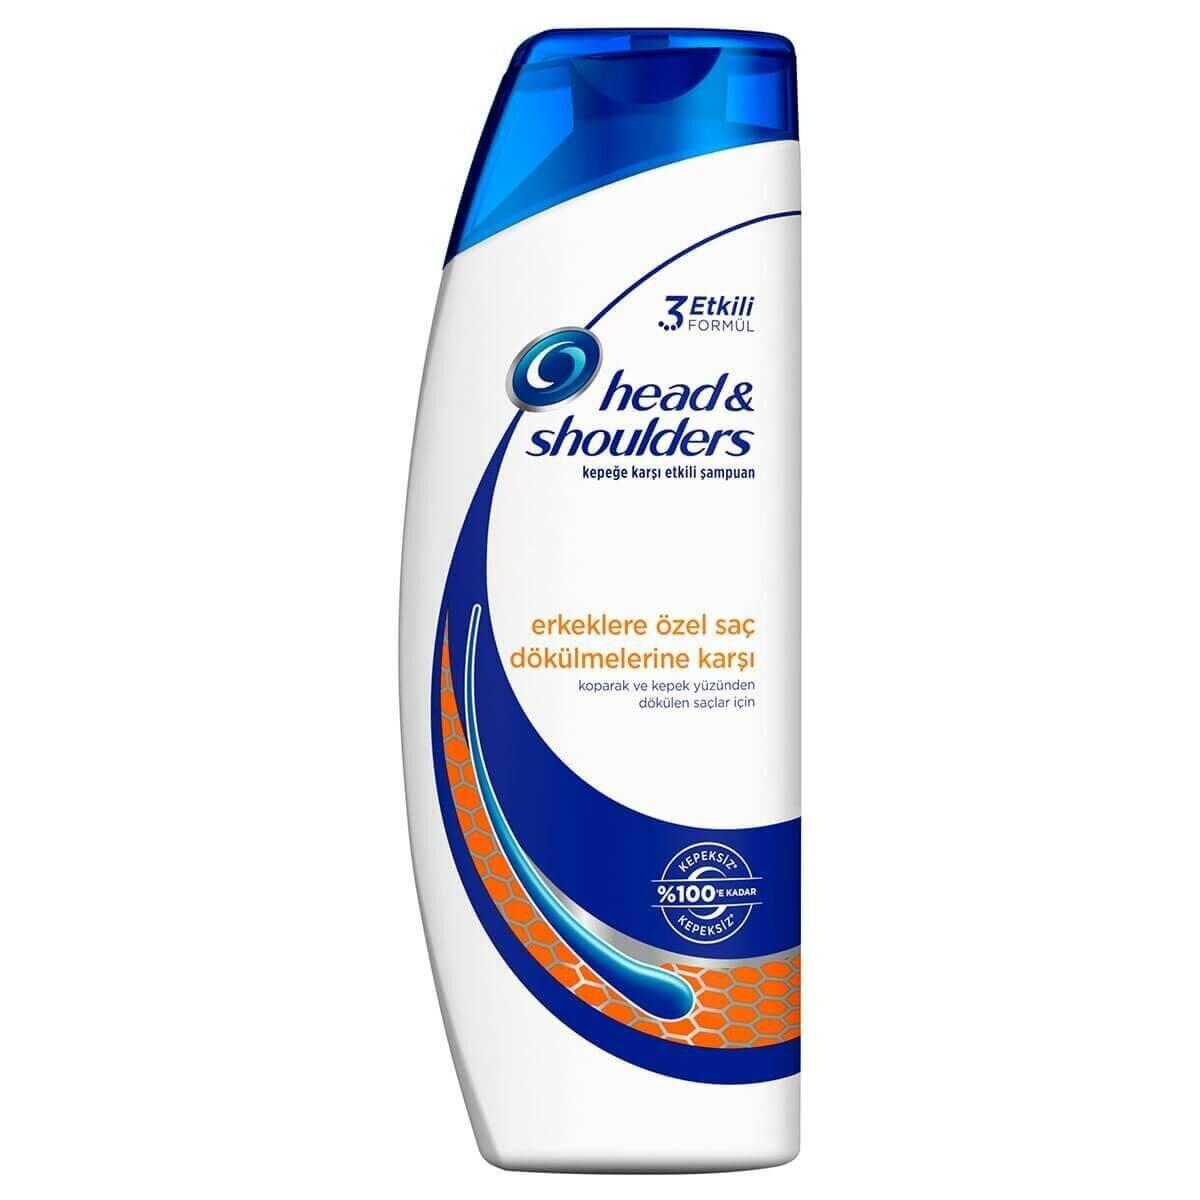 Men Saç Dökülmelerine Karşı 2in1 Şampuan 450ml